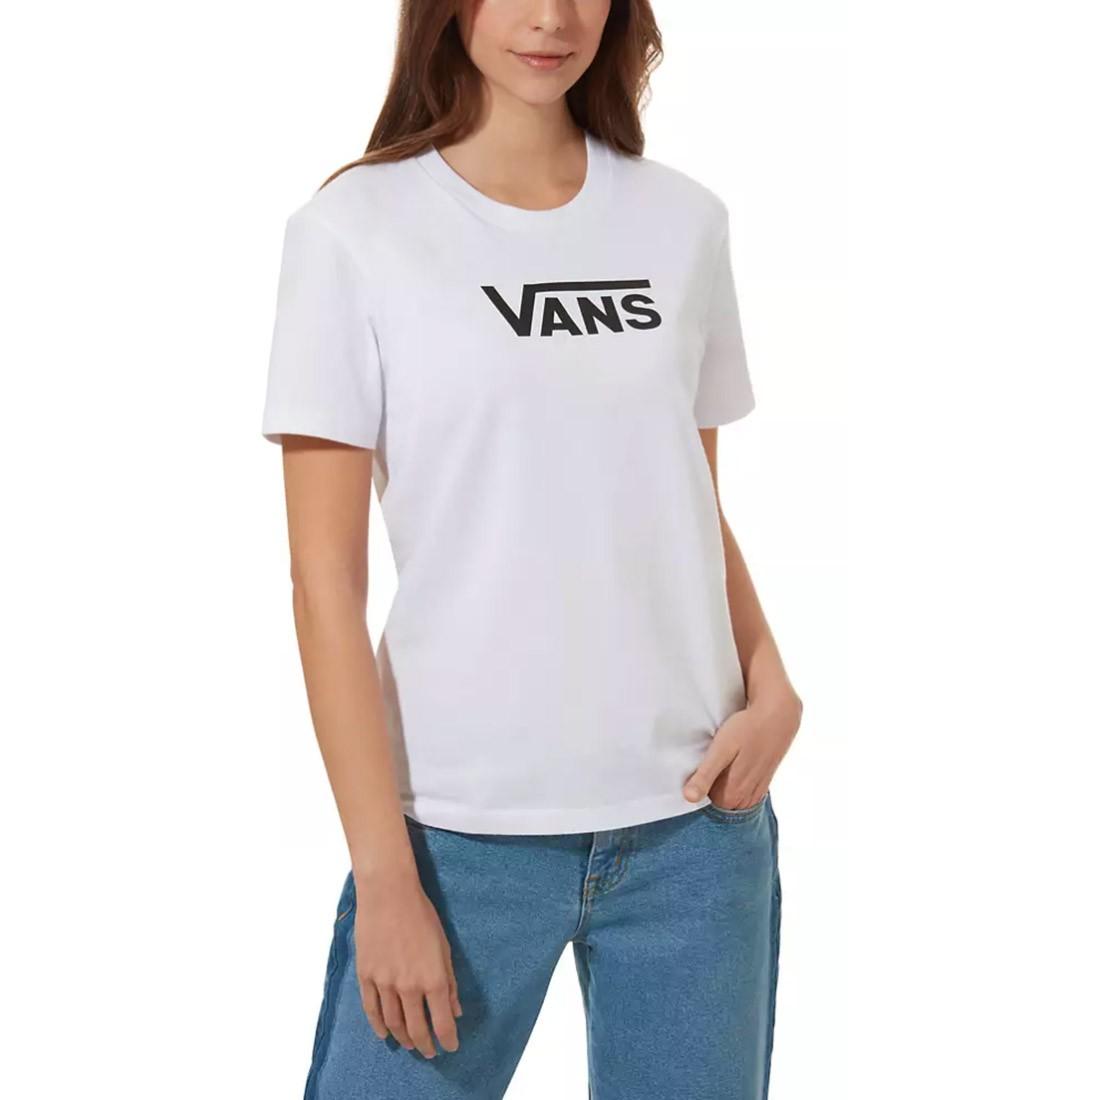 T-SHIRT FEMME VANS FLYING V WHT